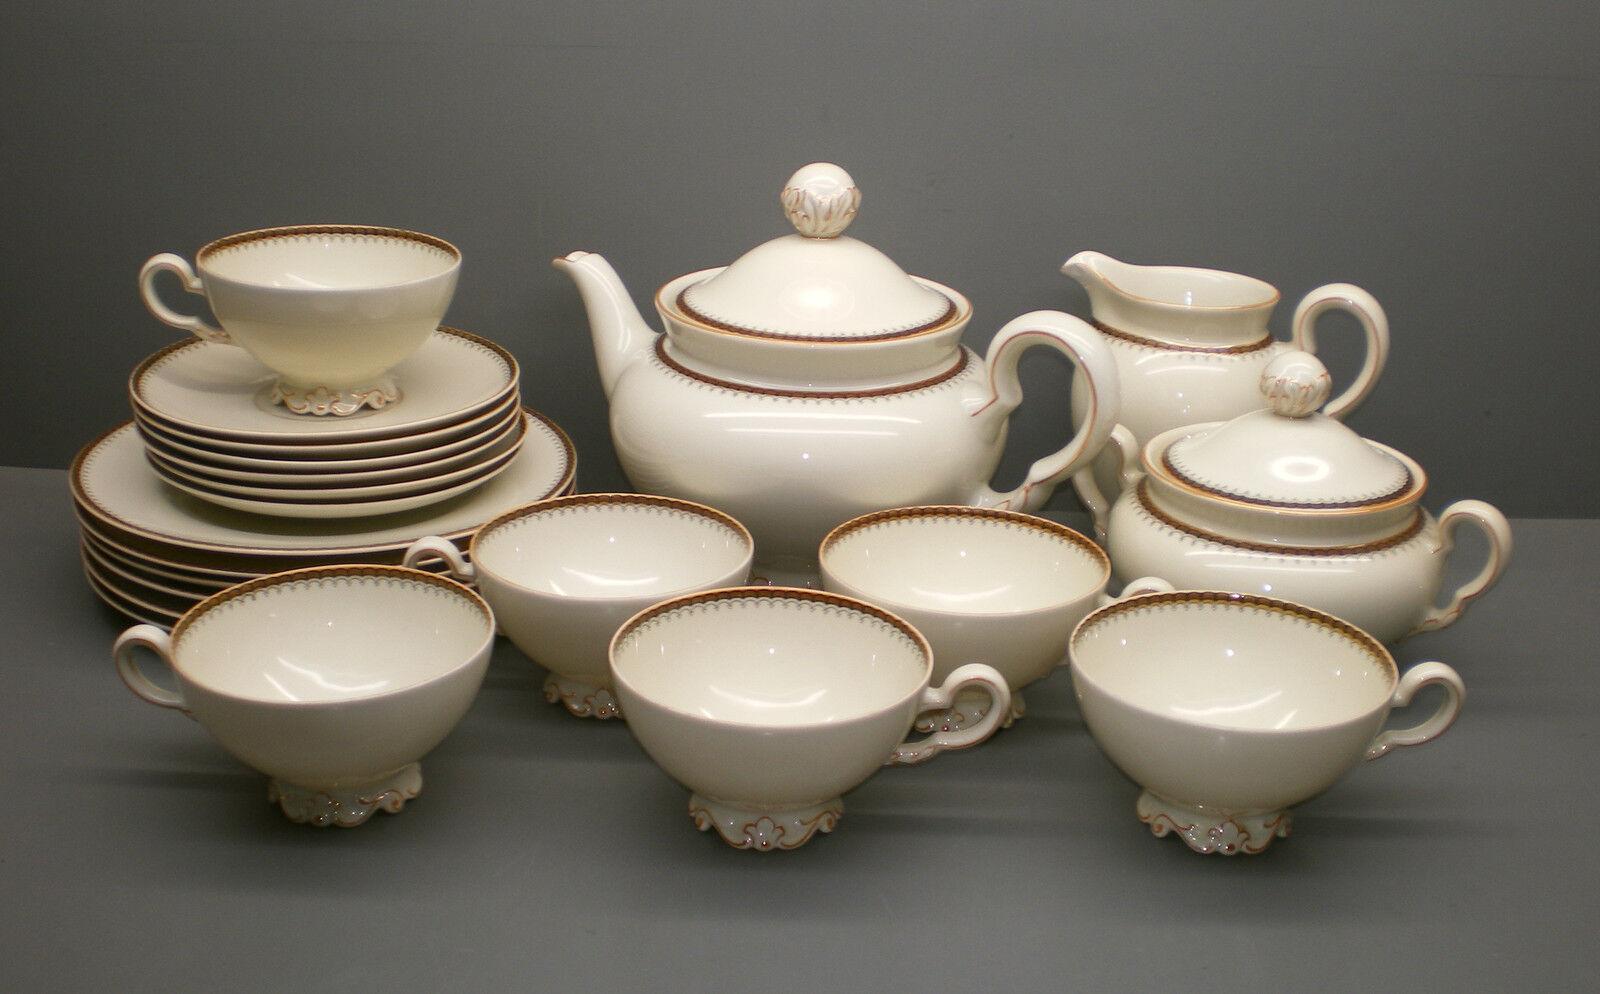 Furstenberg thé service - 6 personnes. - 0121 L